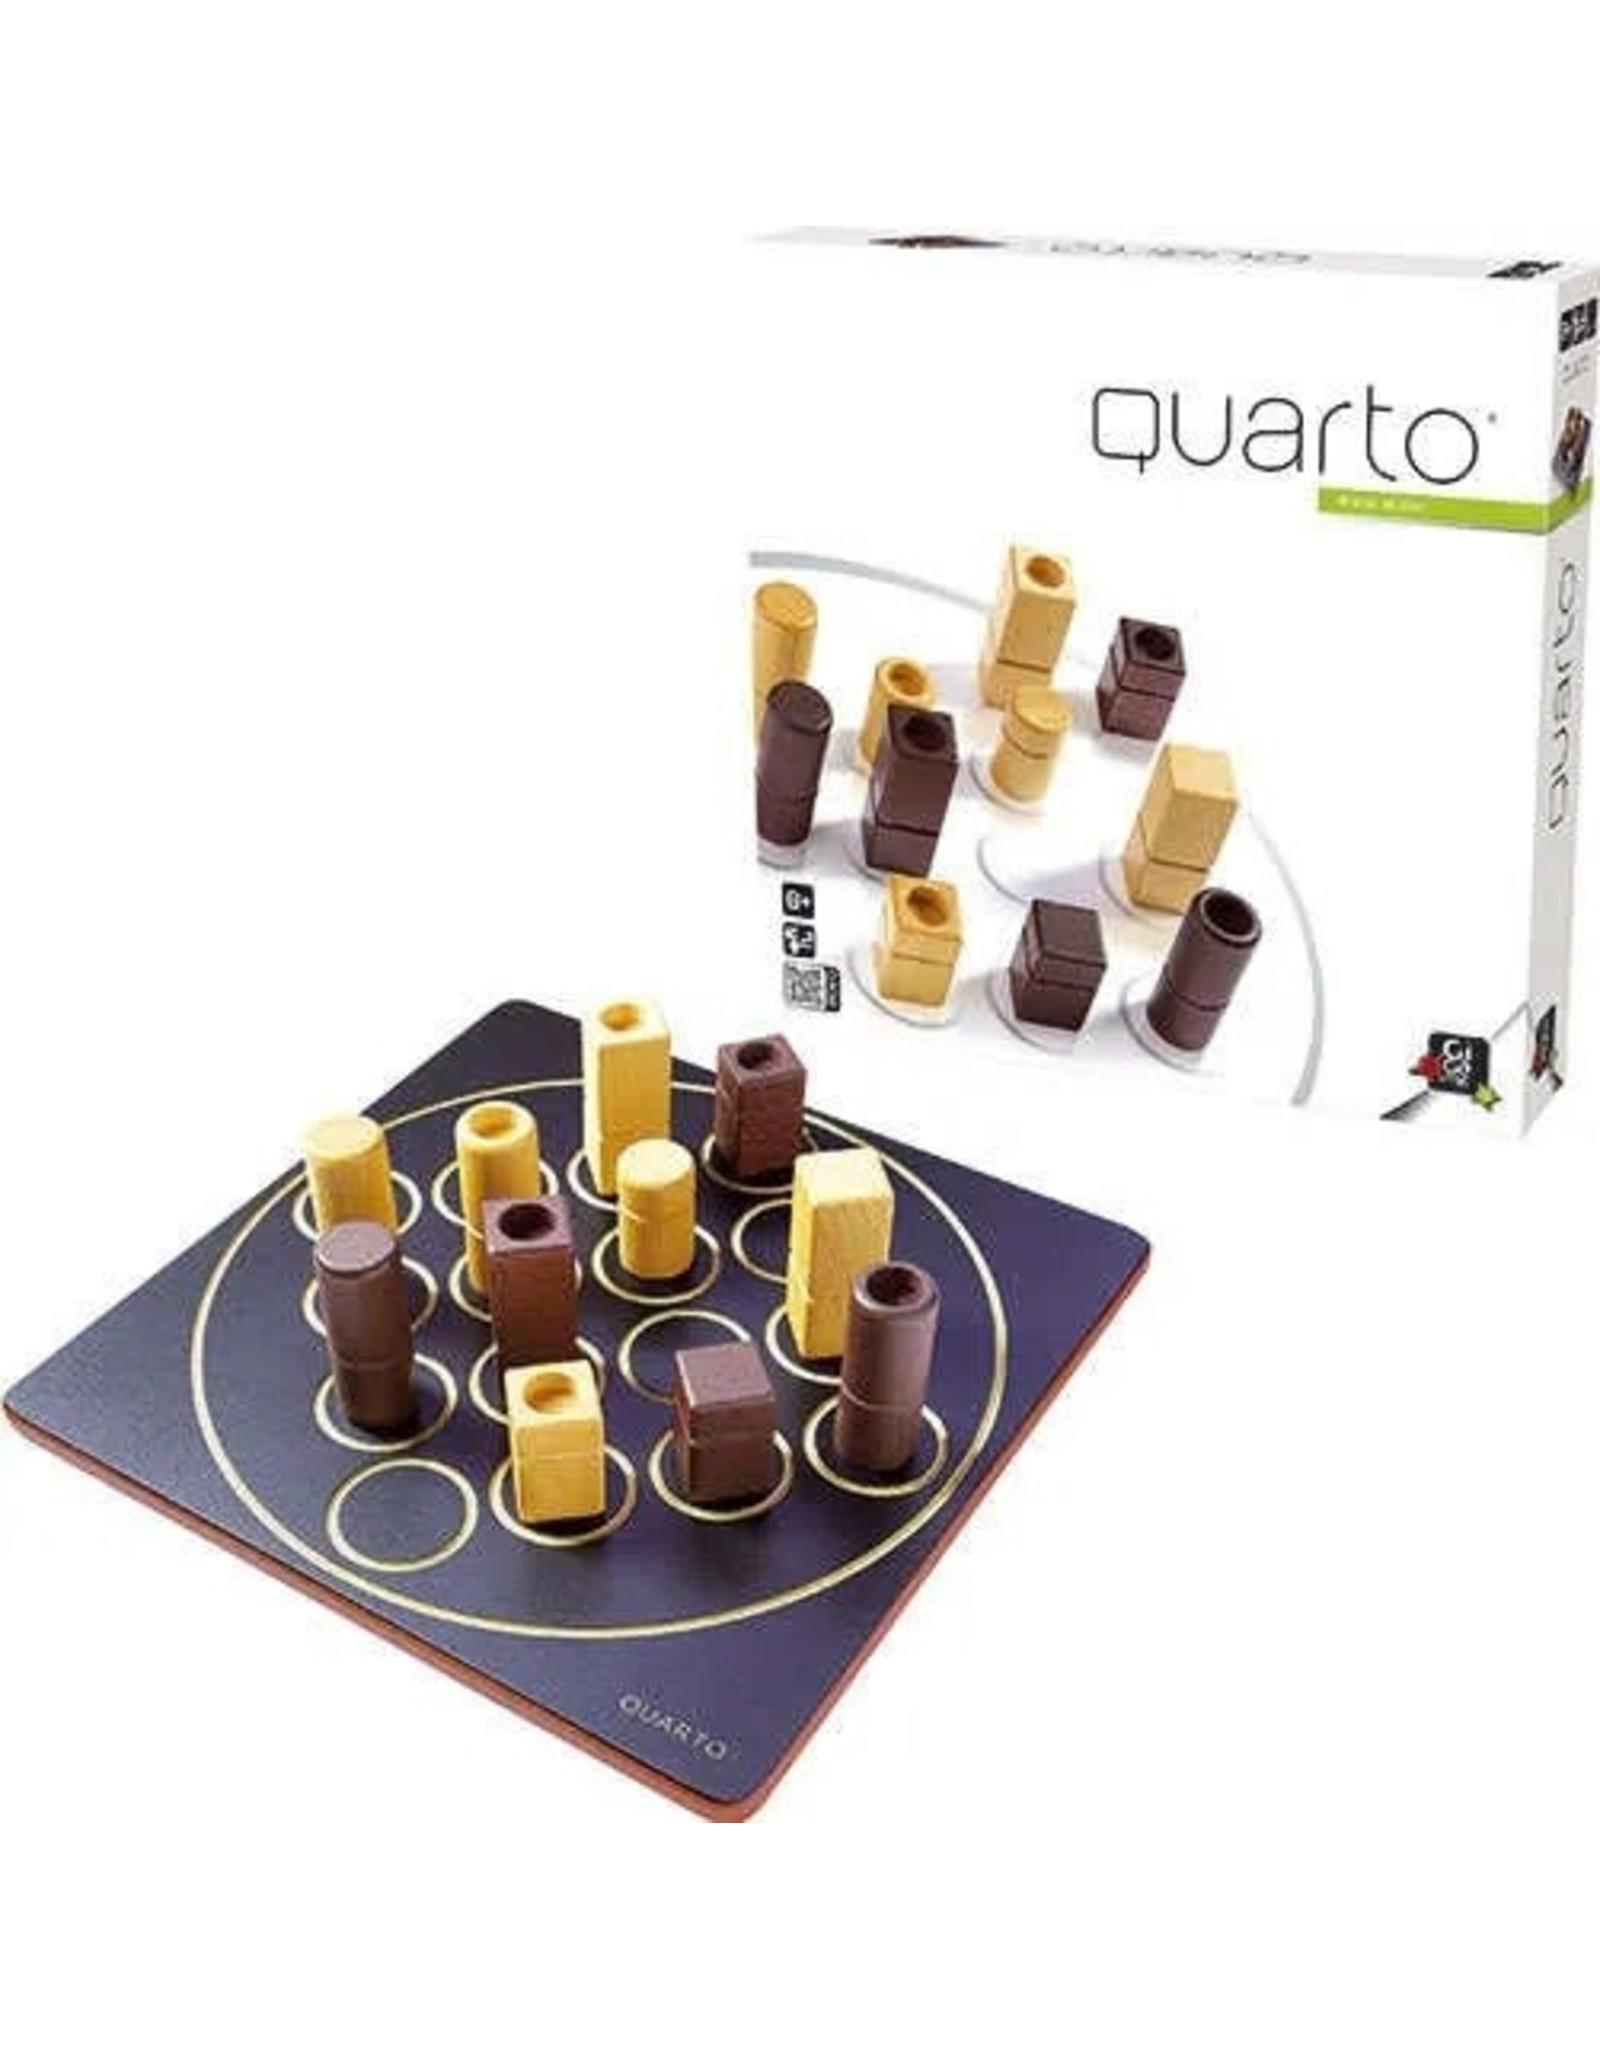 Gigamic Quarto! Classic